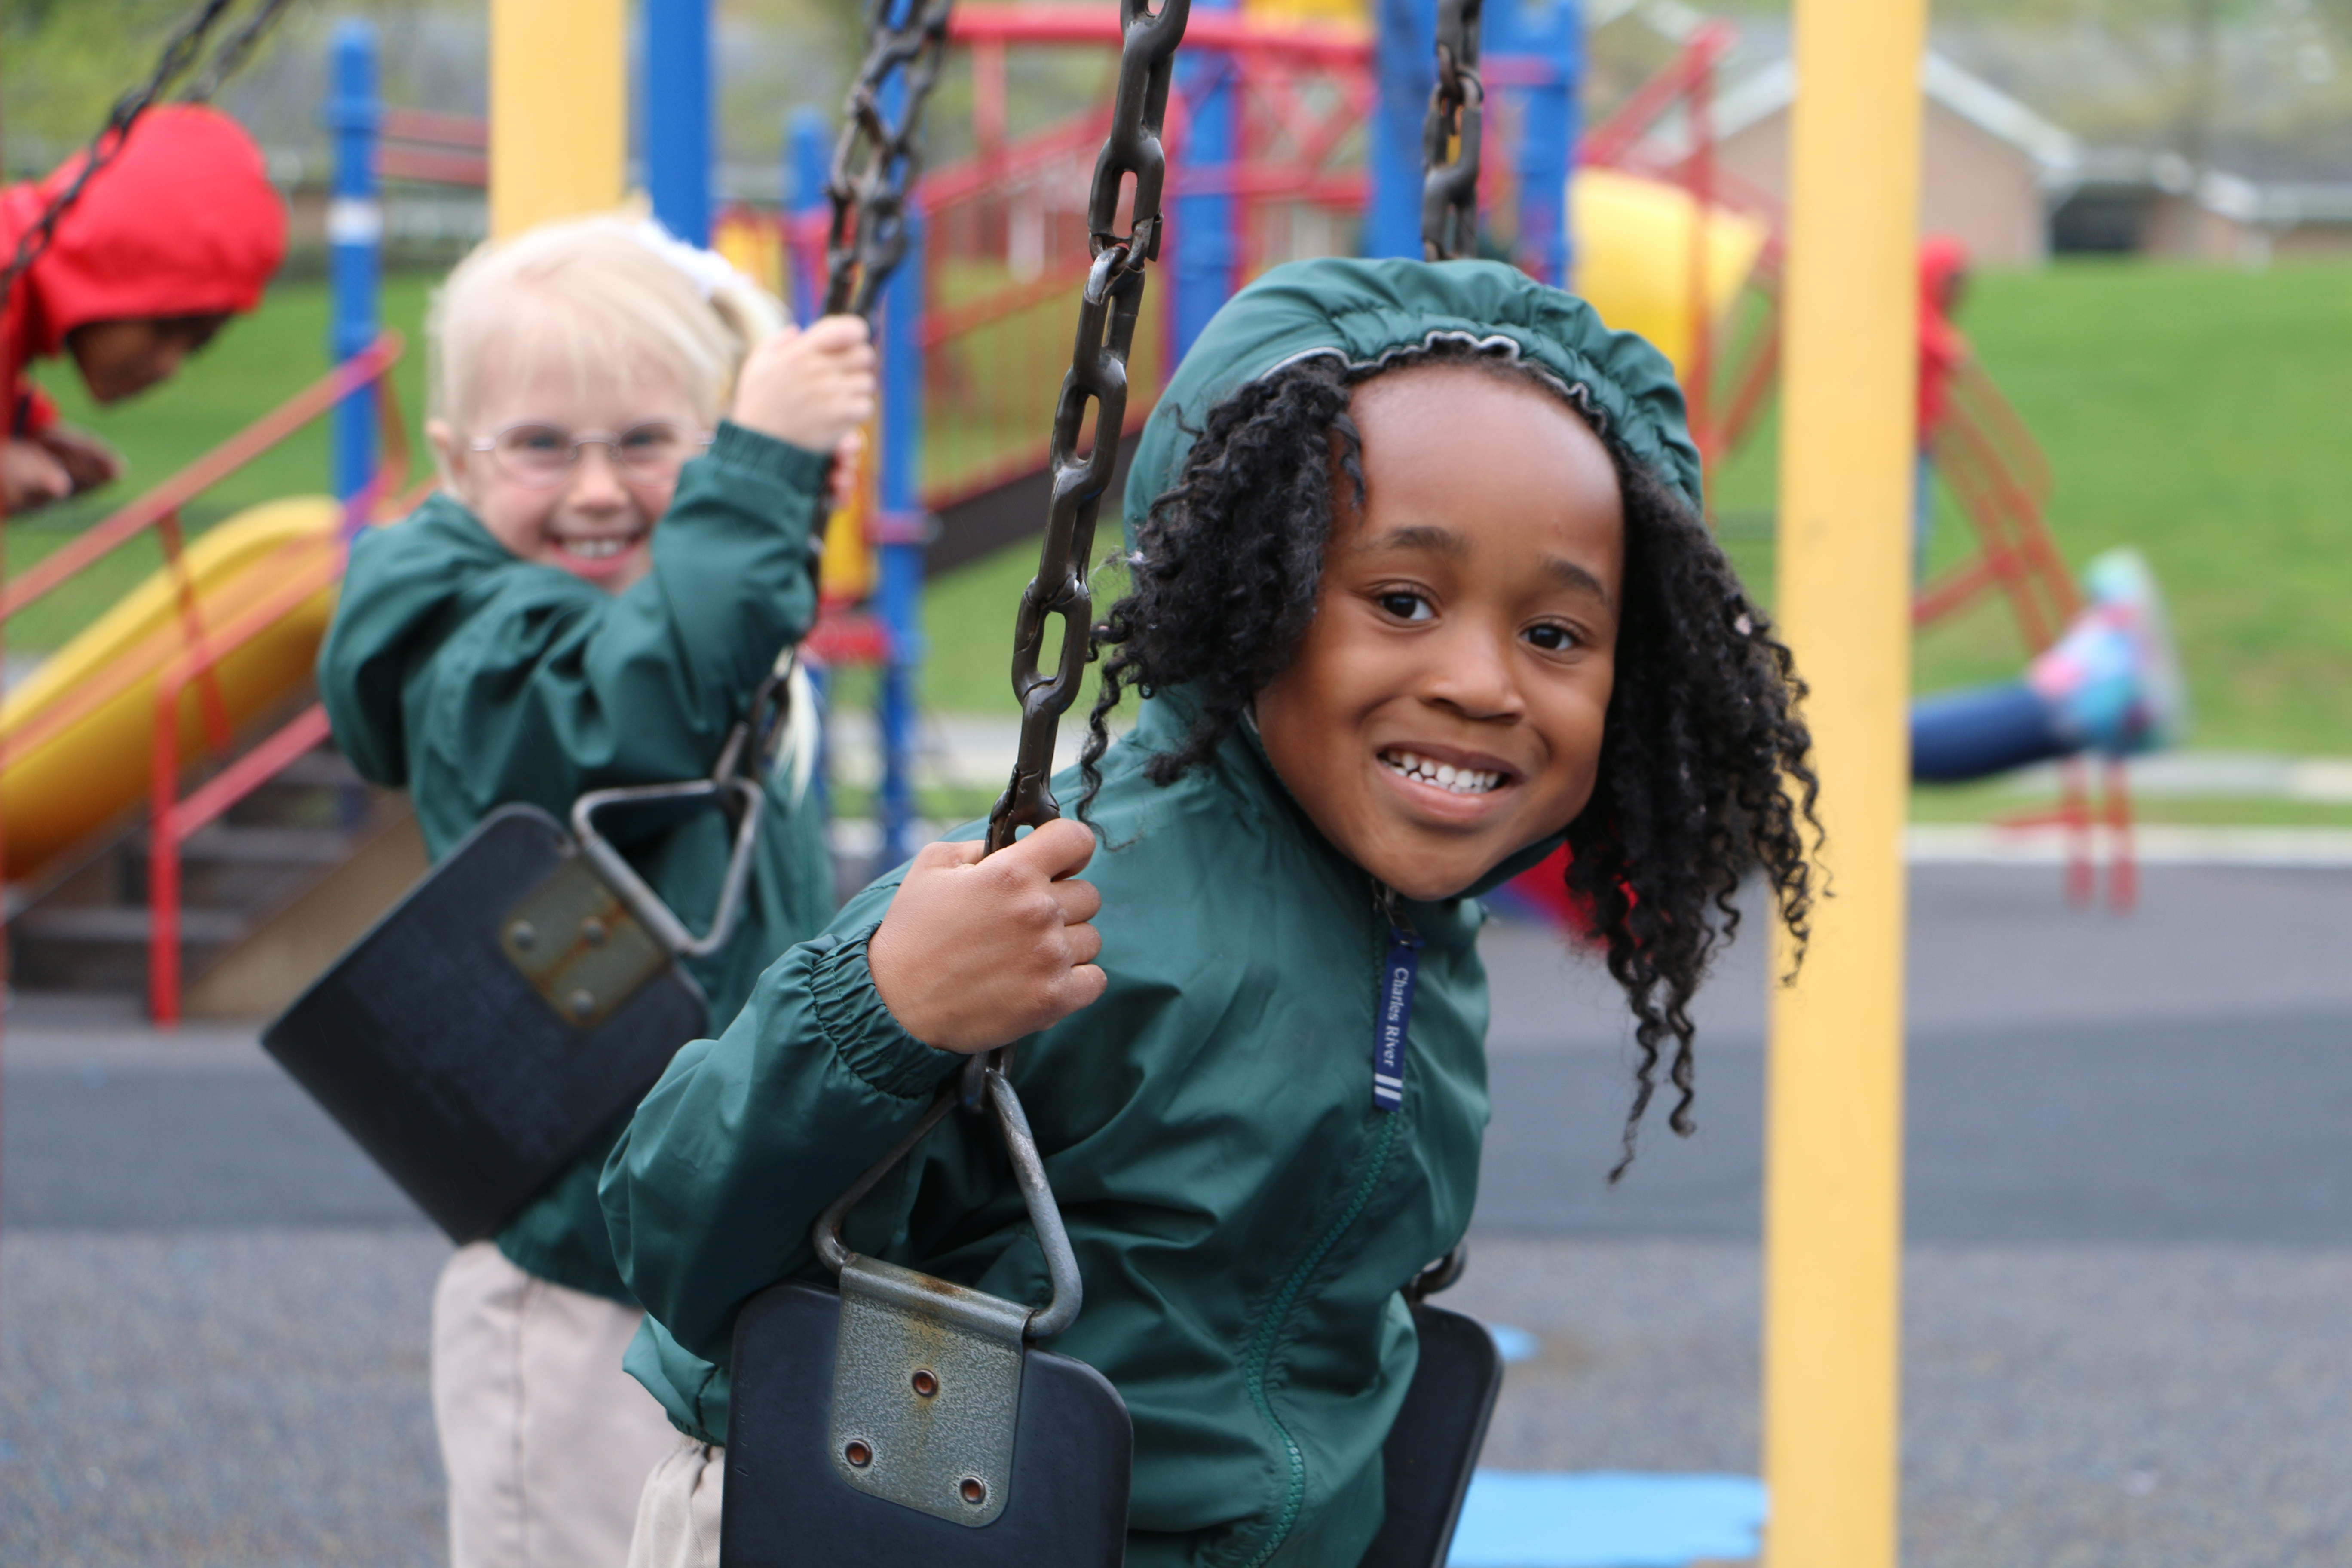 Students enjoying at park